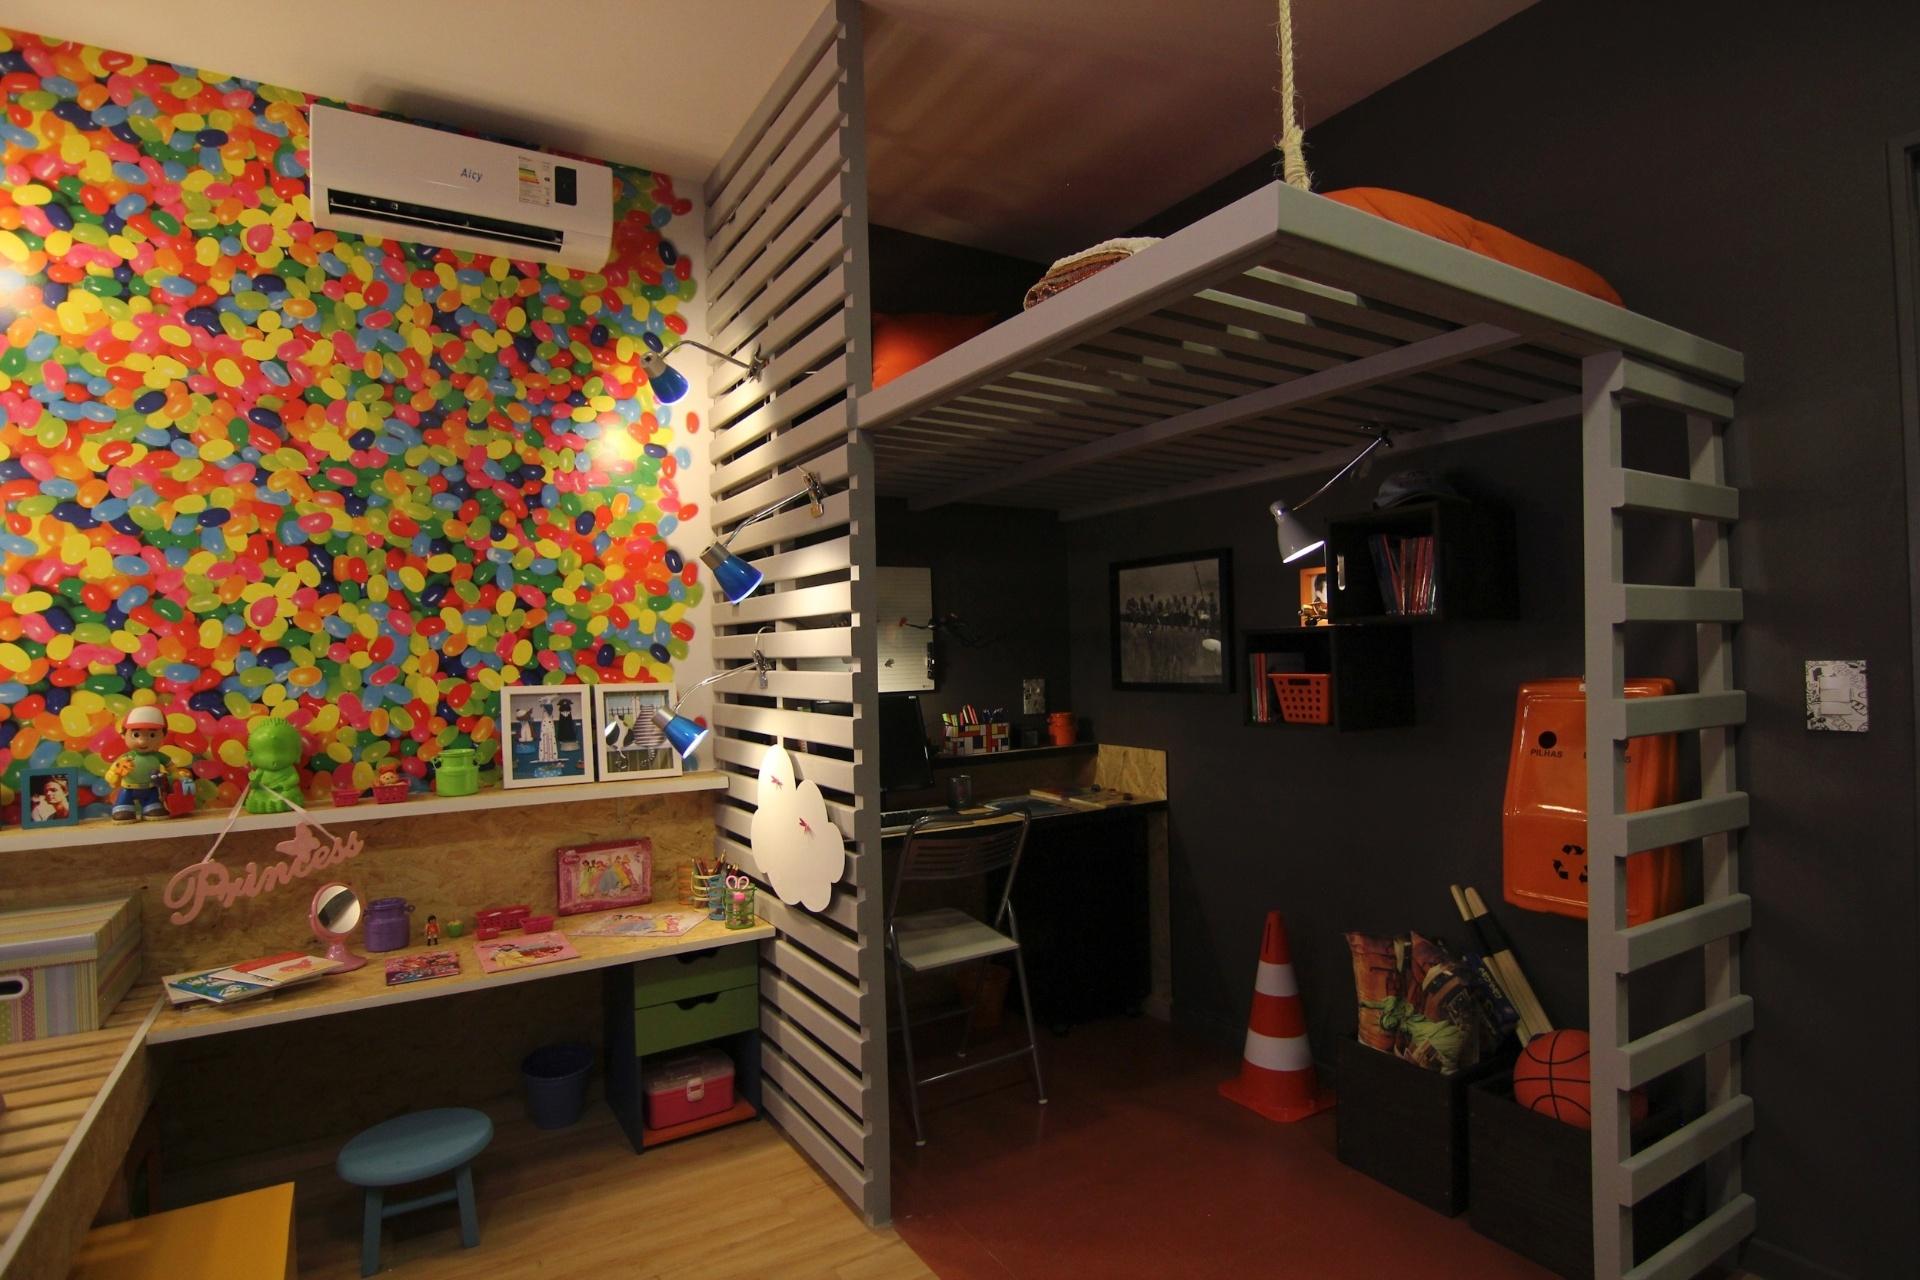 Como a casa é pequena e dois filhos dividem o mesmo quarto, o arquiteto propõe uma decoração em dois estilos. O canto do pré-adolescente tem cama no mezanino. A casa projetada por Gustavo Calazans está em exposição na 1ª Mostra Casa Leroy Merlin, em São Paulo